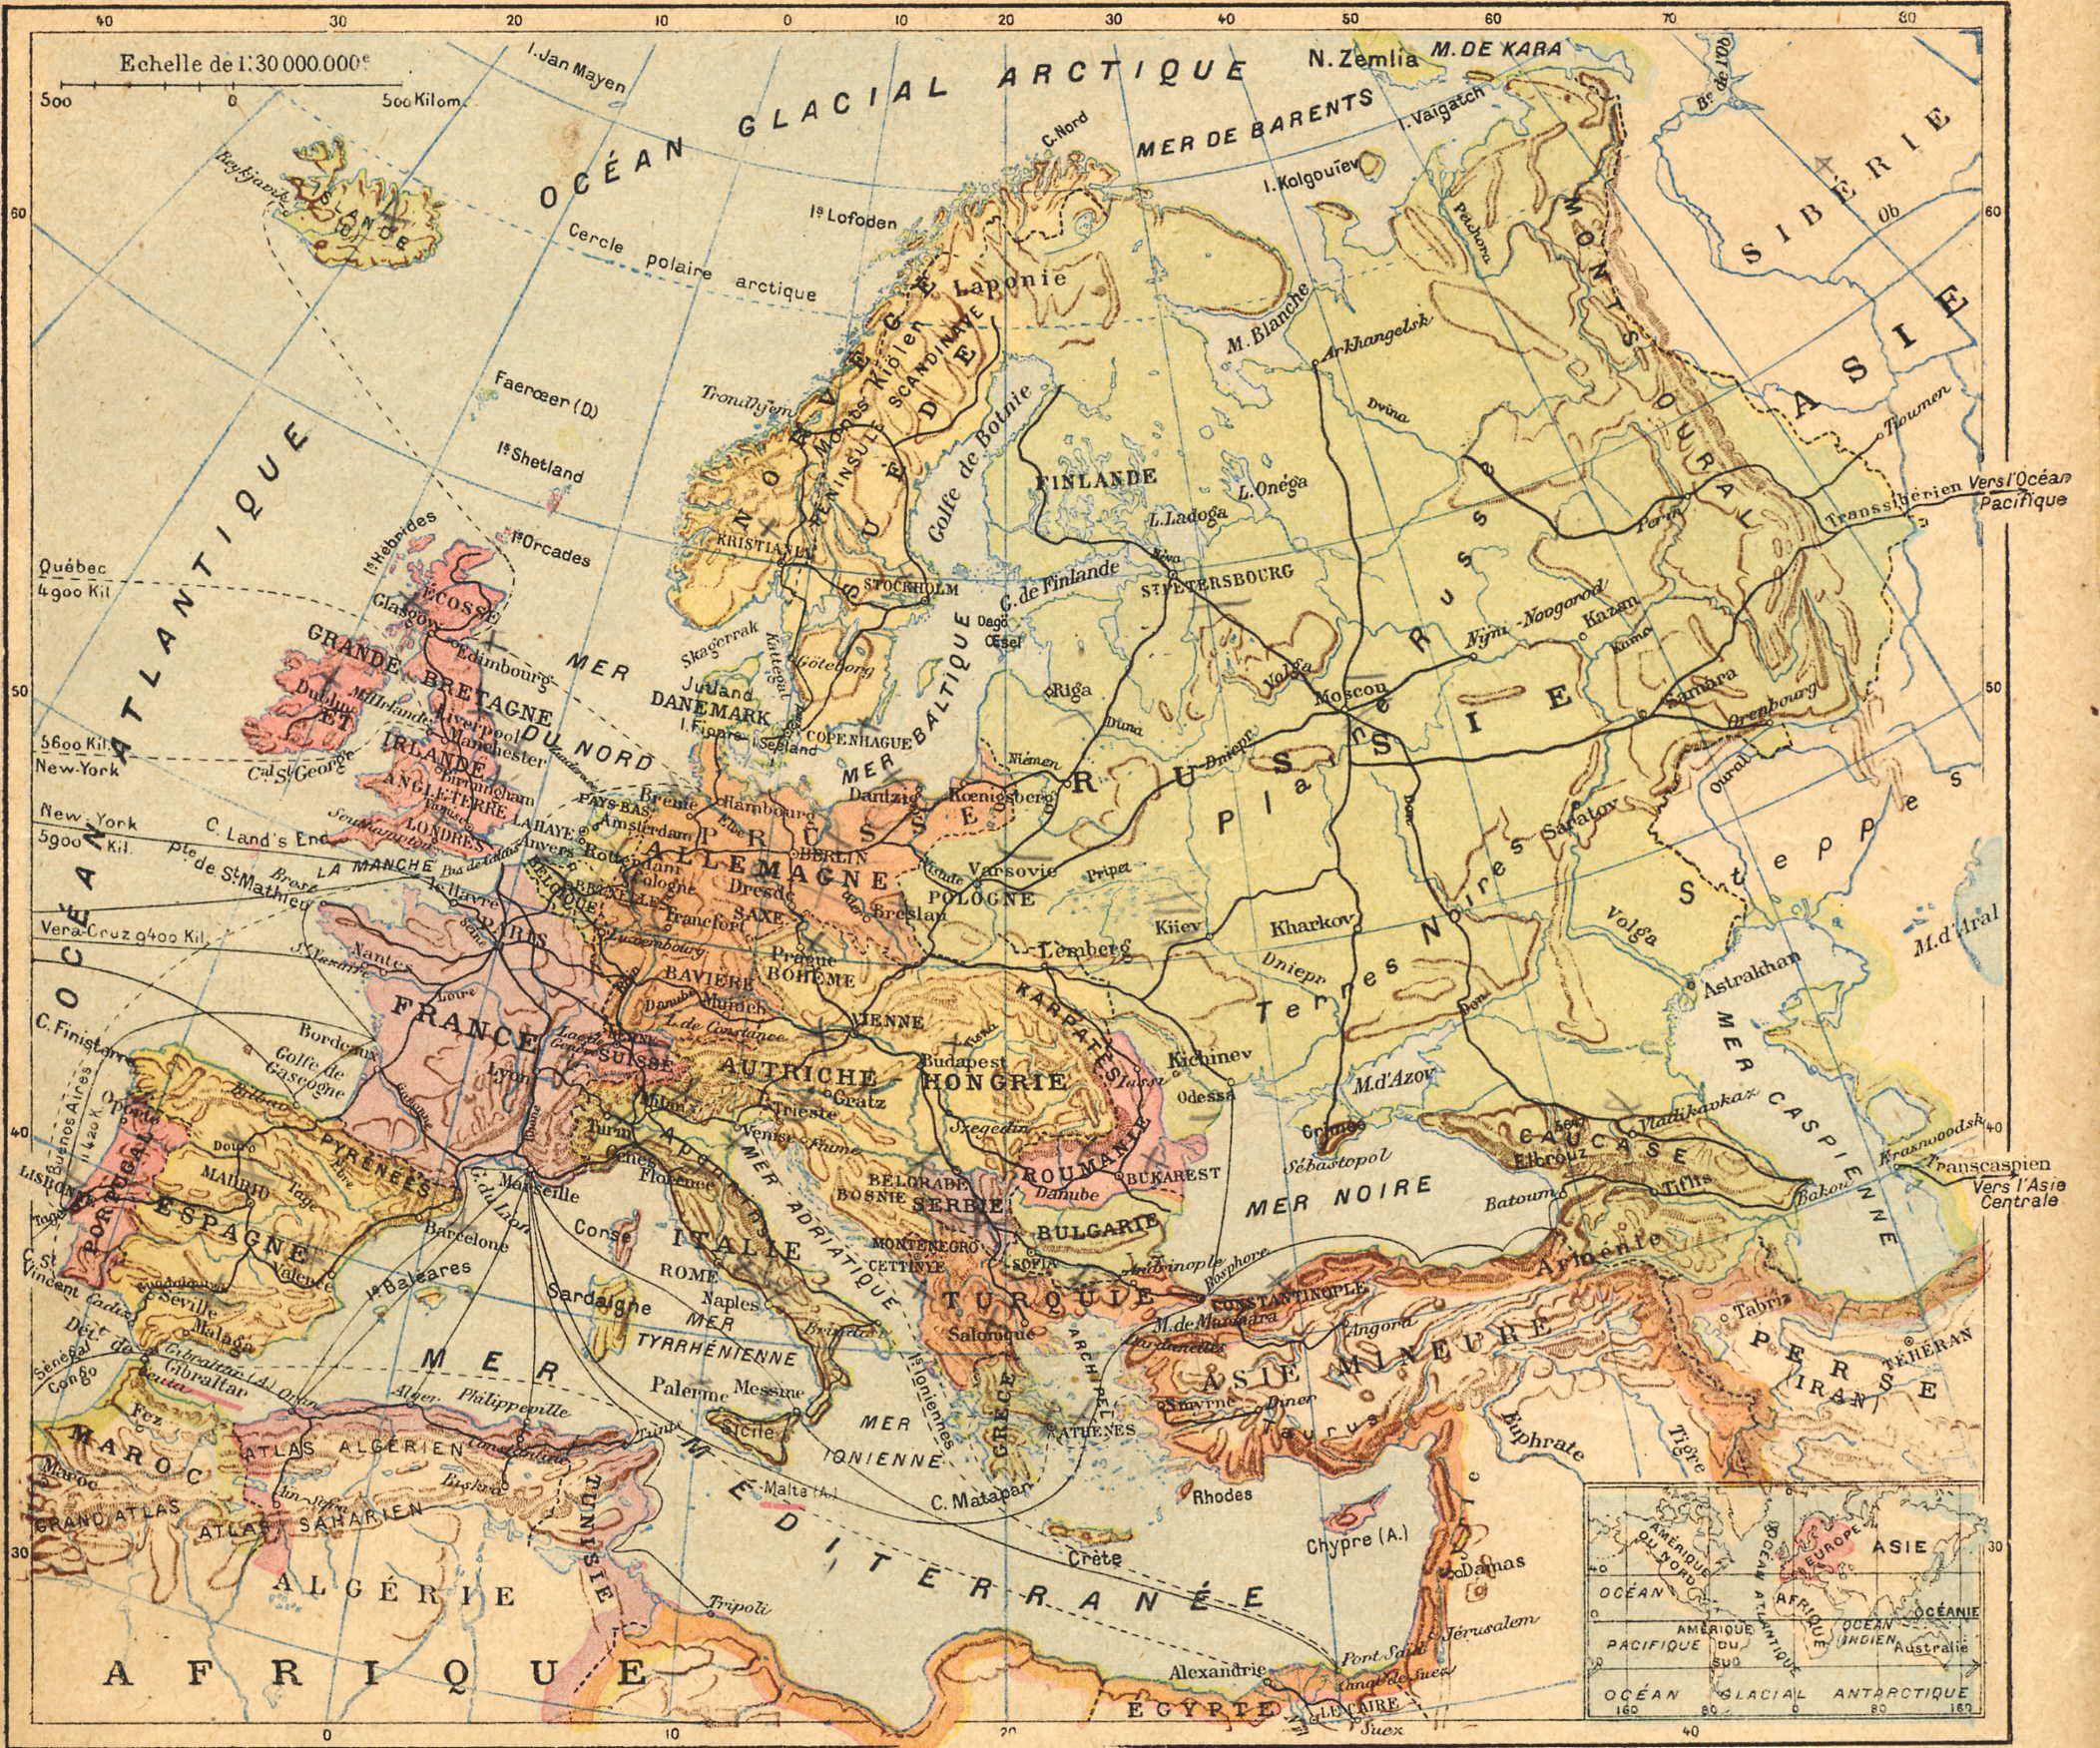 L'europe Dans Le Livre De Géographie De Florentine (1906) concernant Carte Géographique Europe